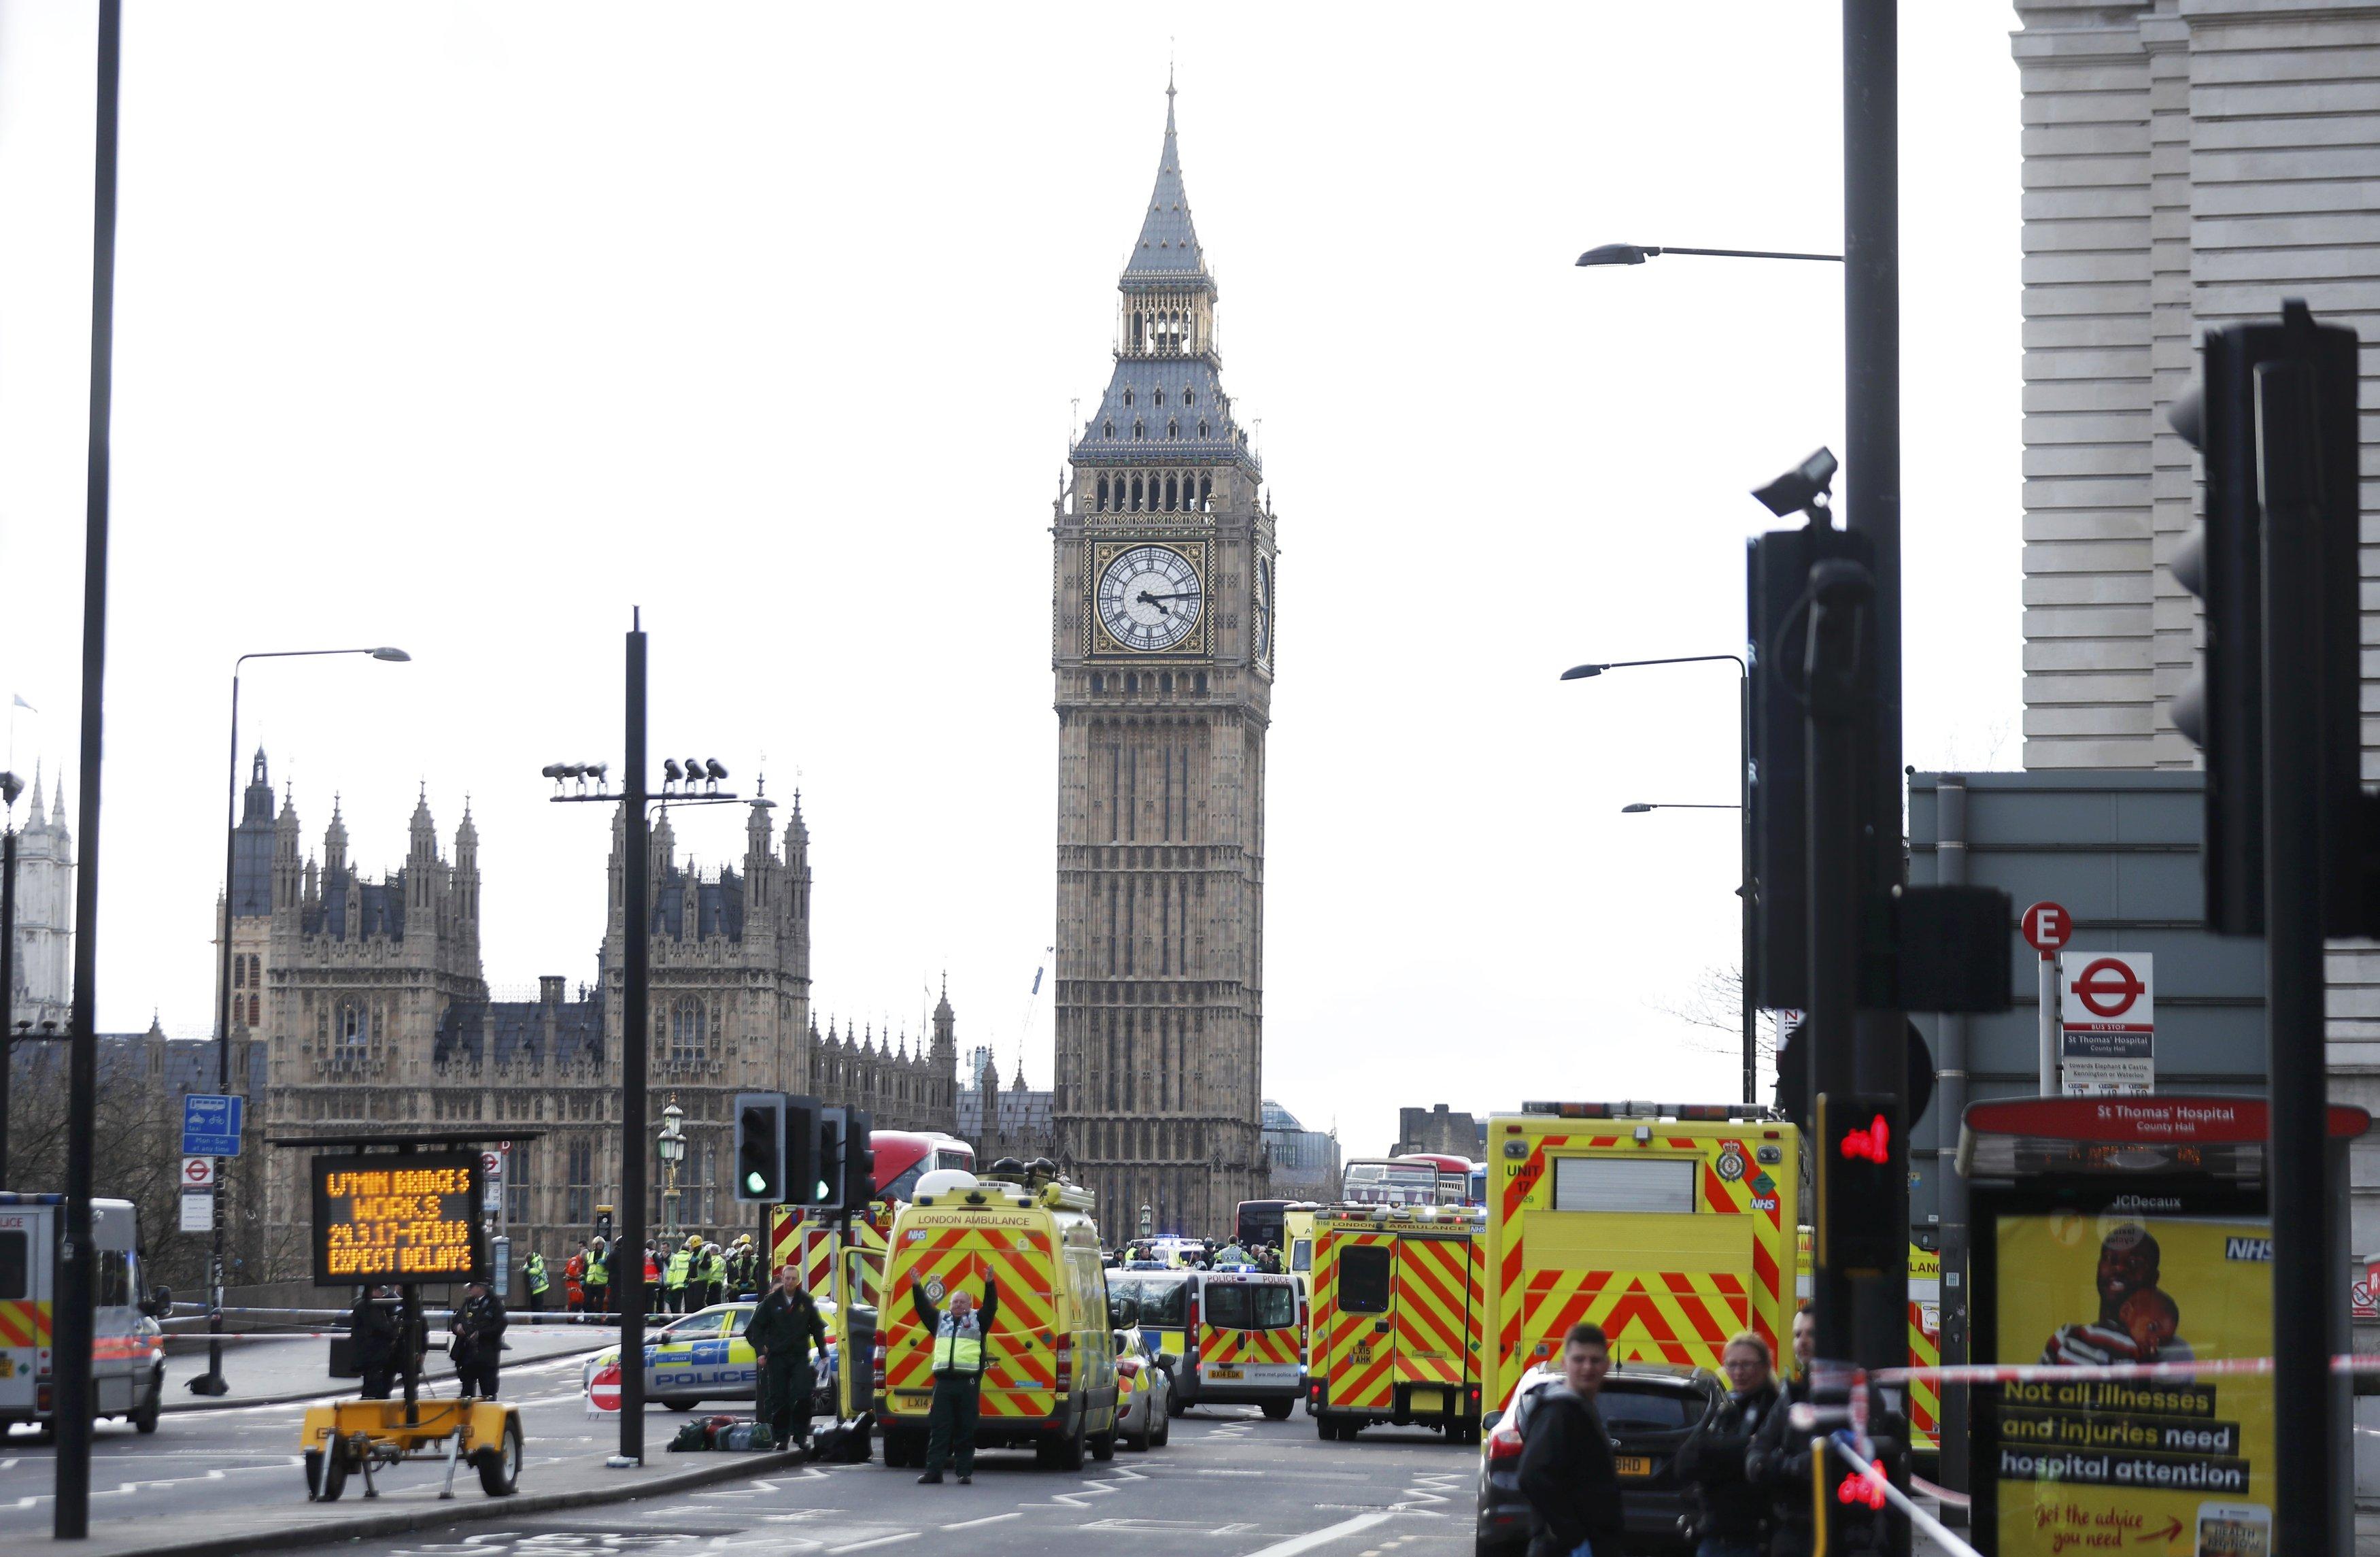 Τρομοκρατική επίθεση έξω από το βρετανικό Κοινοβούλιο, τέσσερις νεκροί